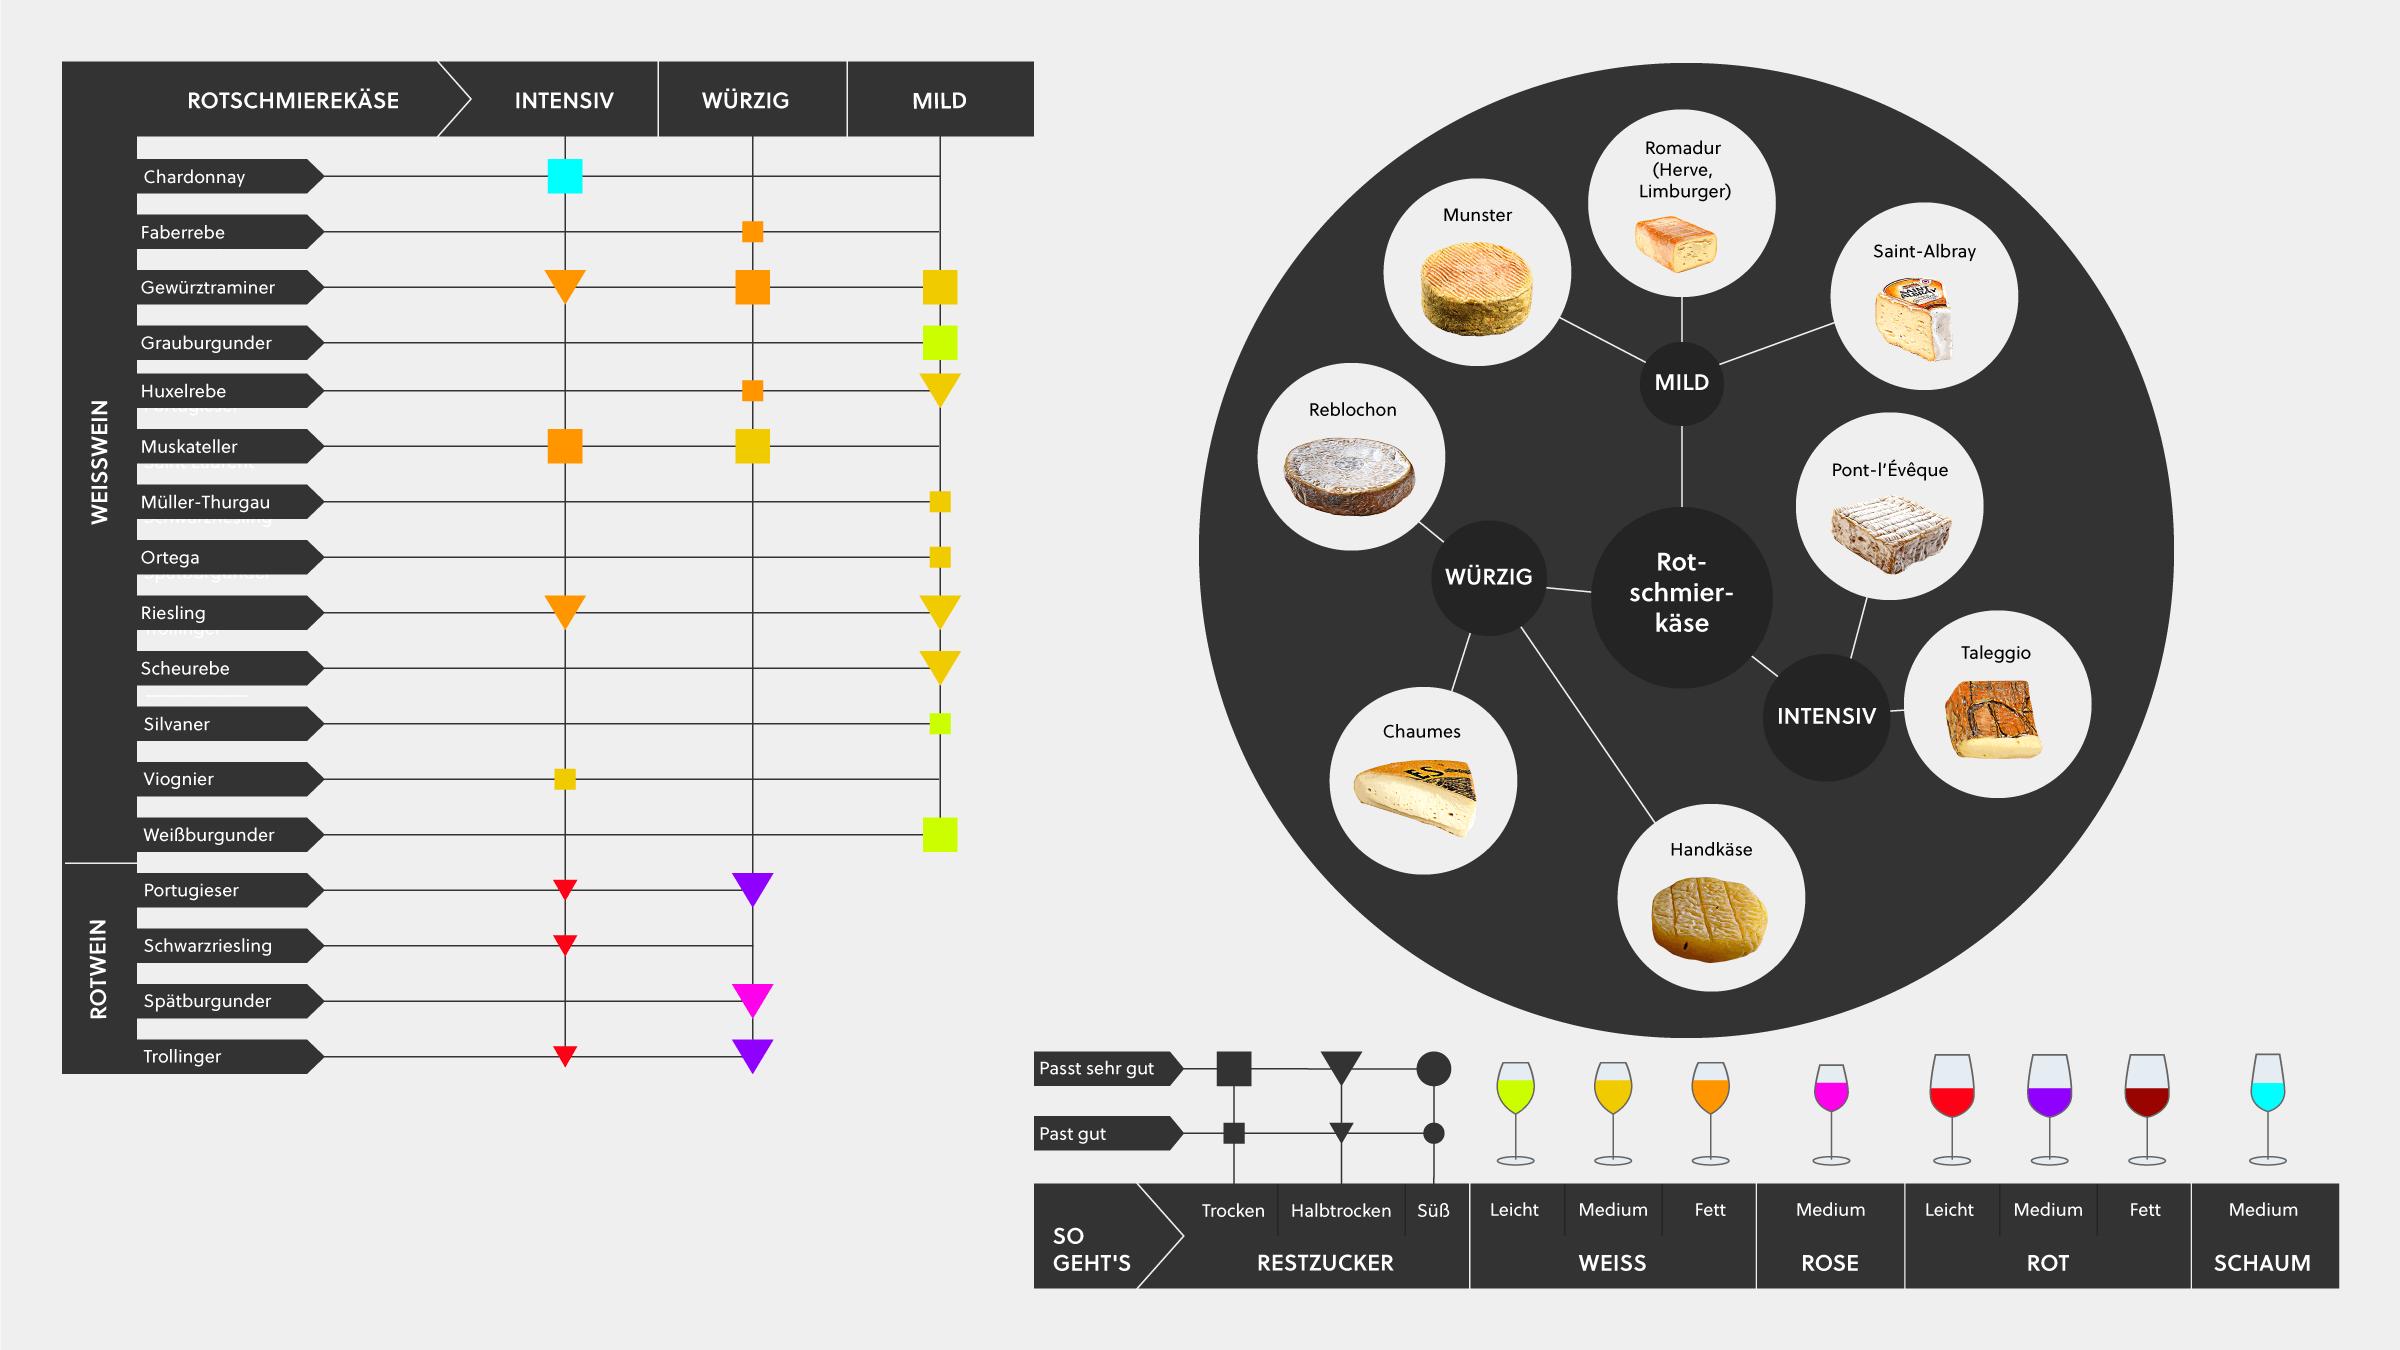 Wein und Käse Infografik mit Tipps, deutschen Wein mit verschiedenen Rotschmierkäsen zu kombinieren.